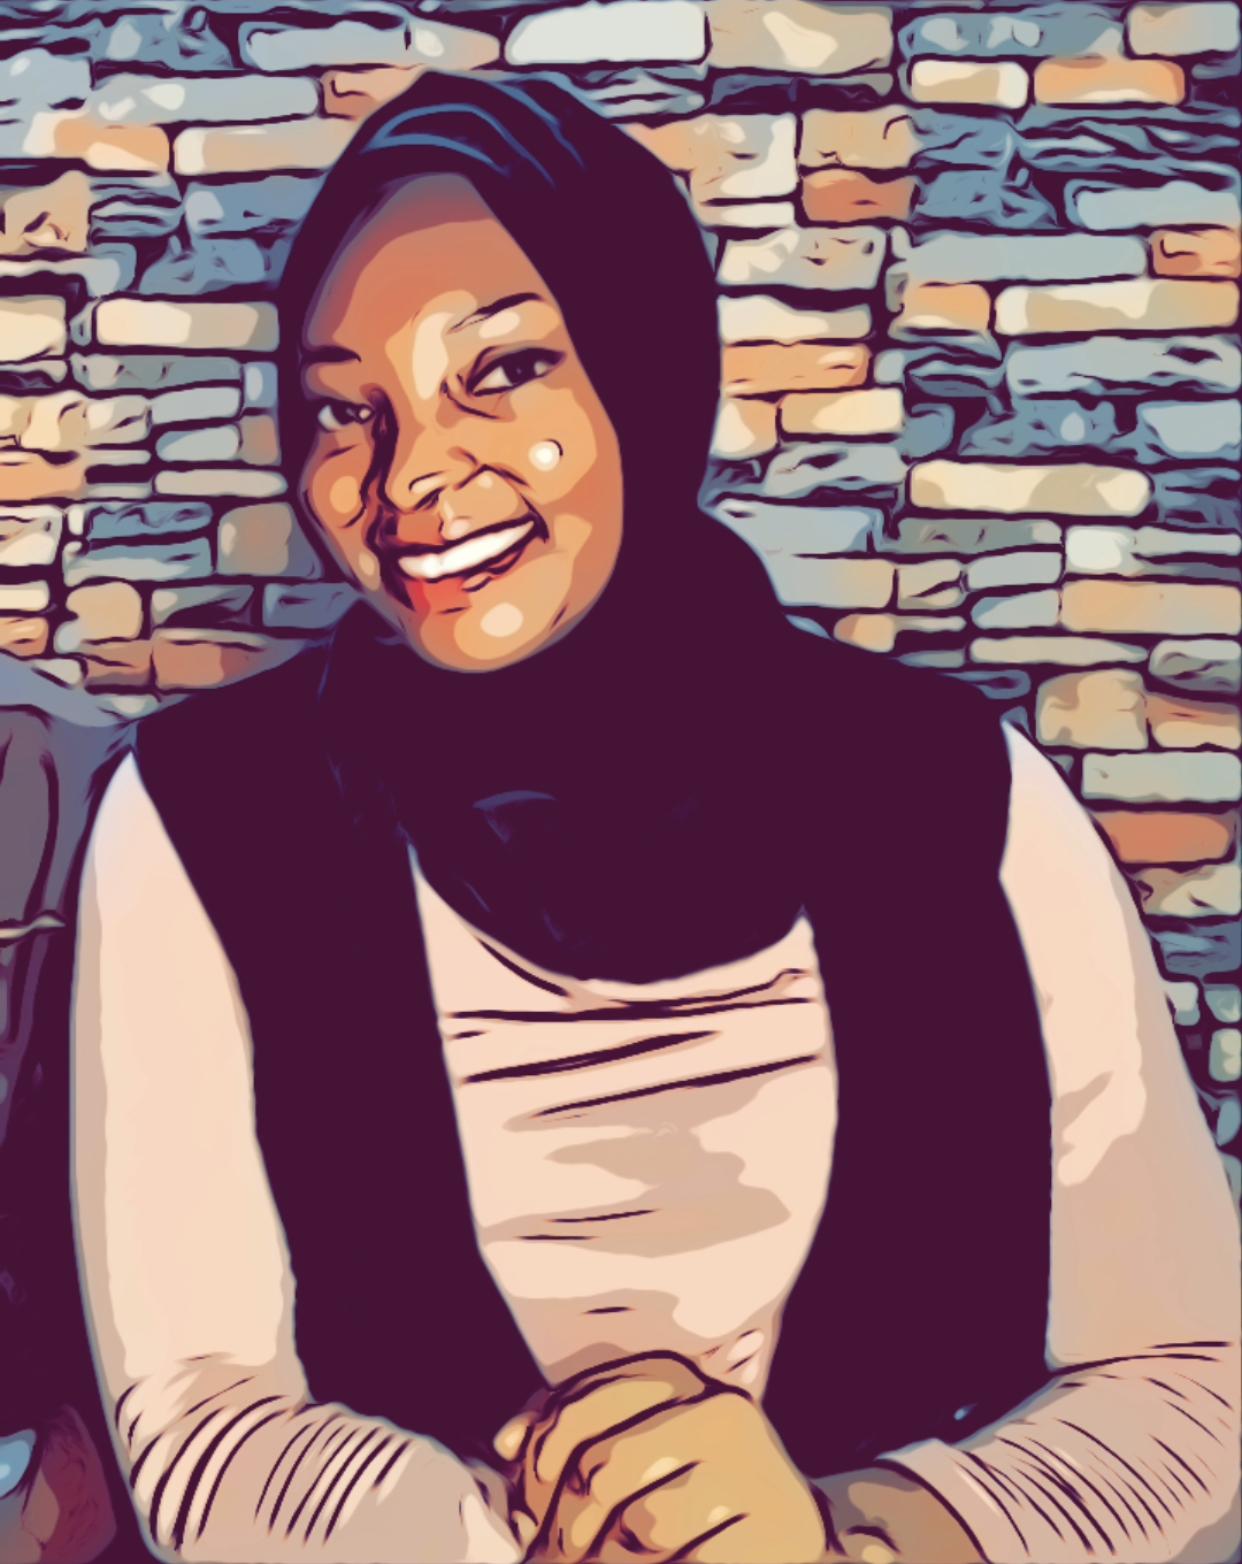 Ms Khaulat Ayomide Abdulhakeem, Product Manager, Aspuna Nigeria.